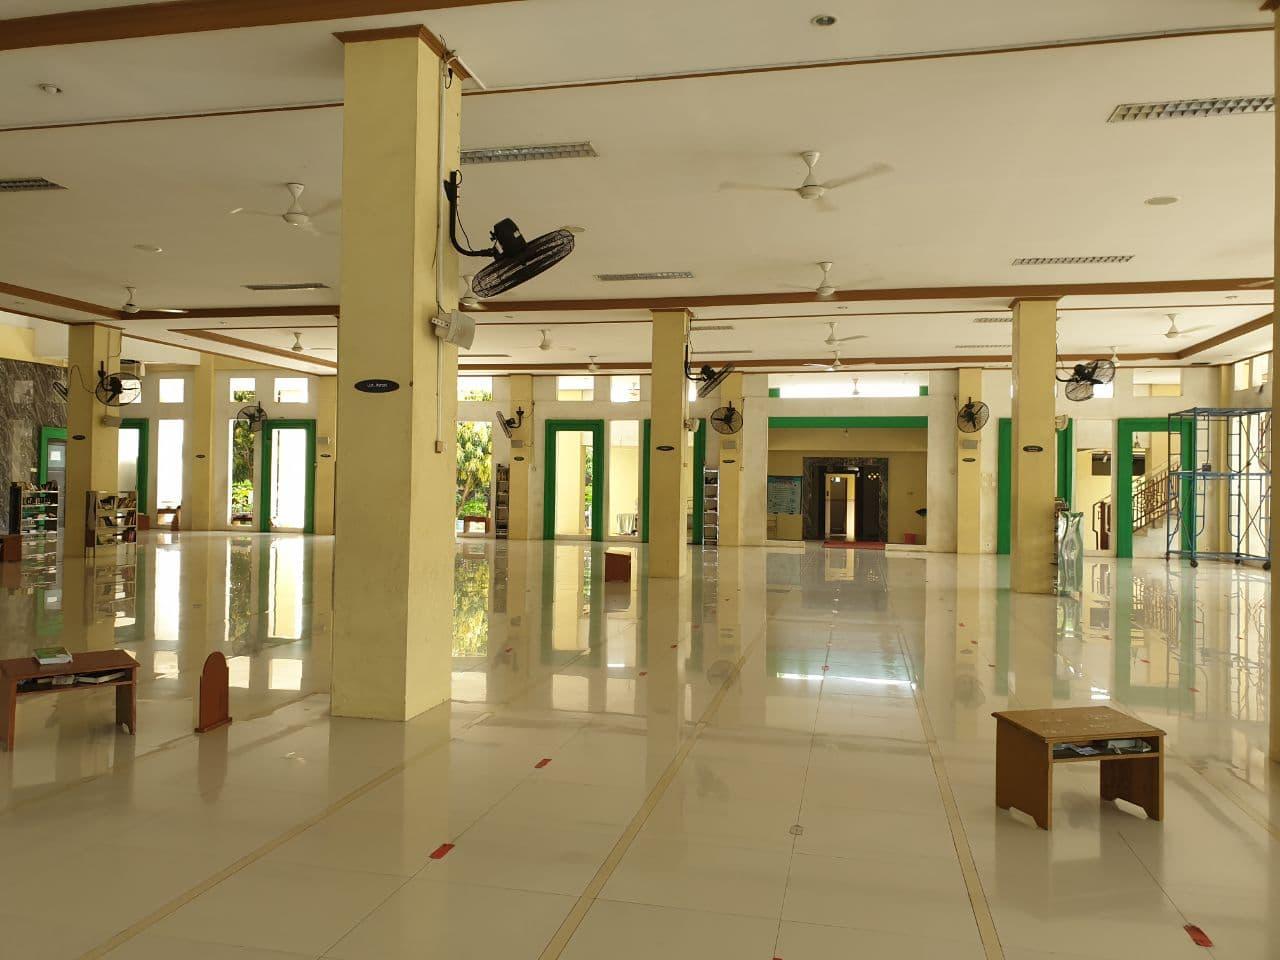 masjid_abu_bakar11